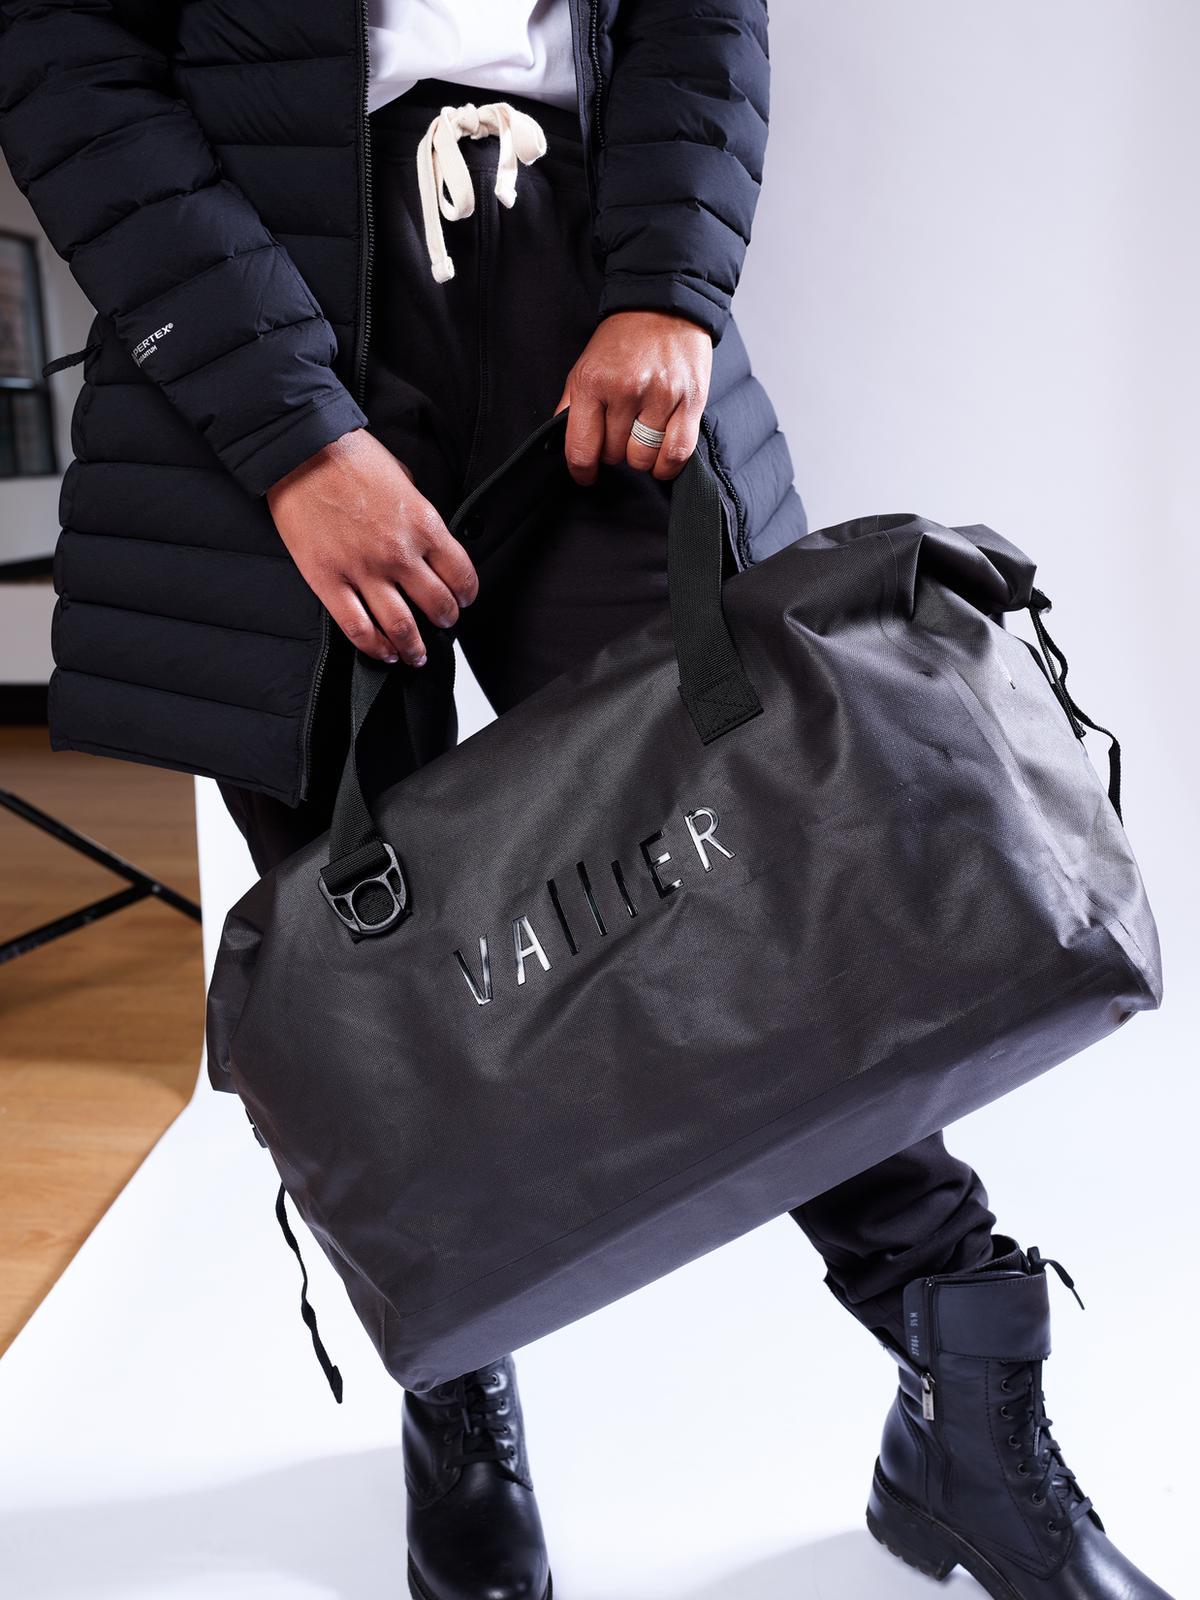 Dutton Weekender Bag by Vallier